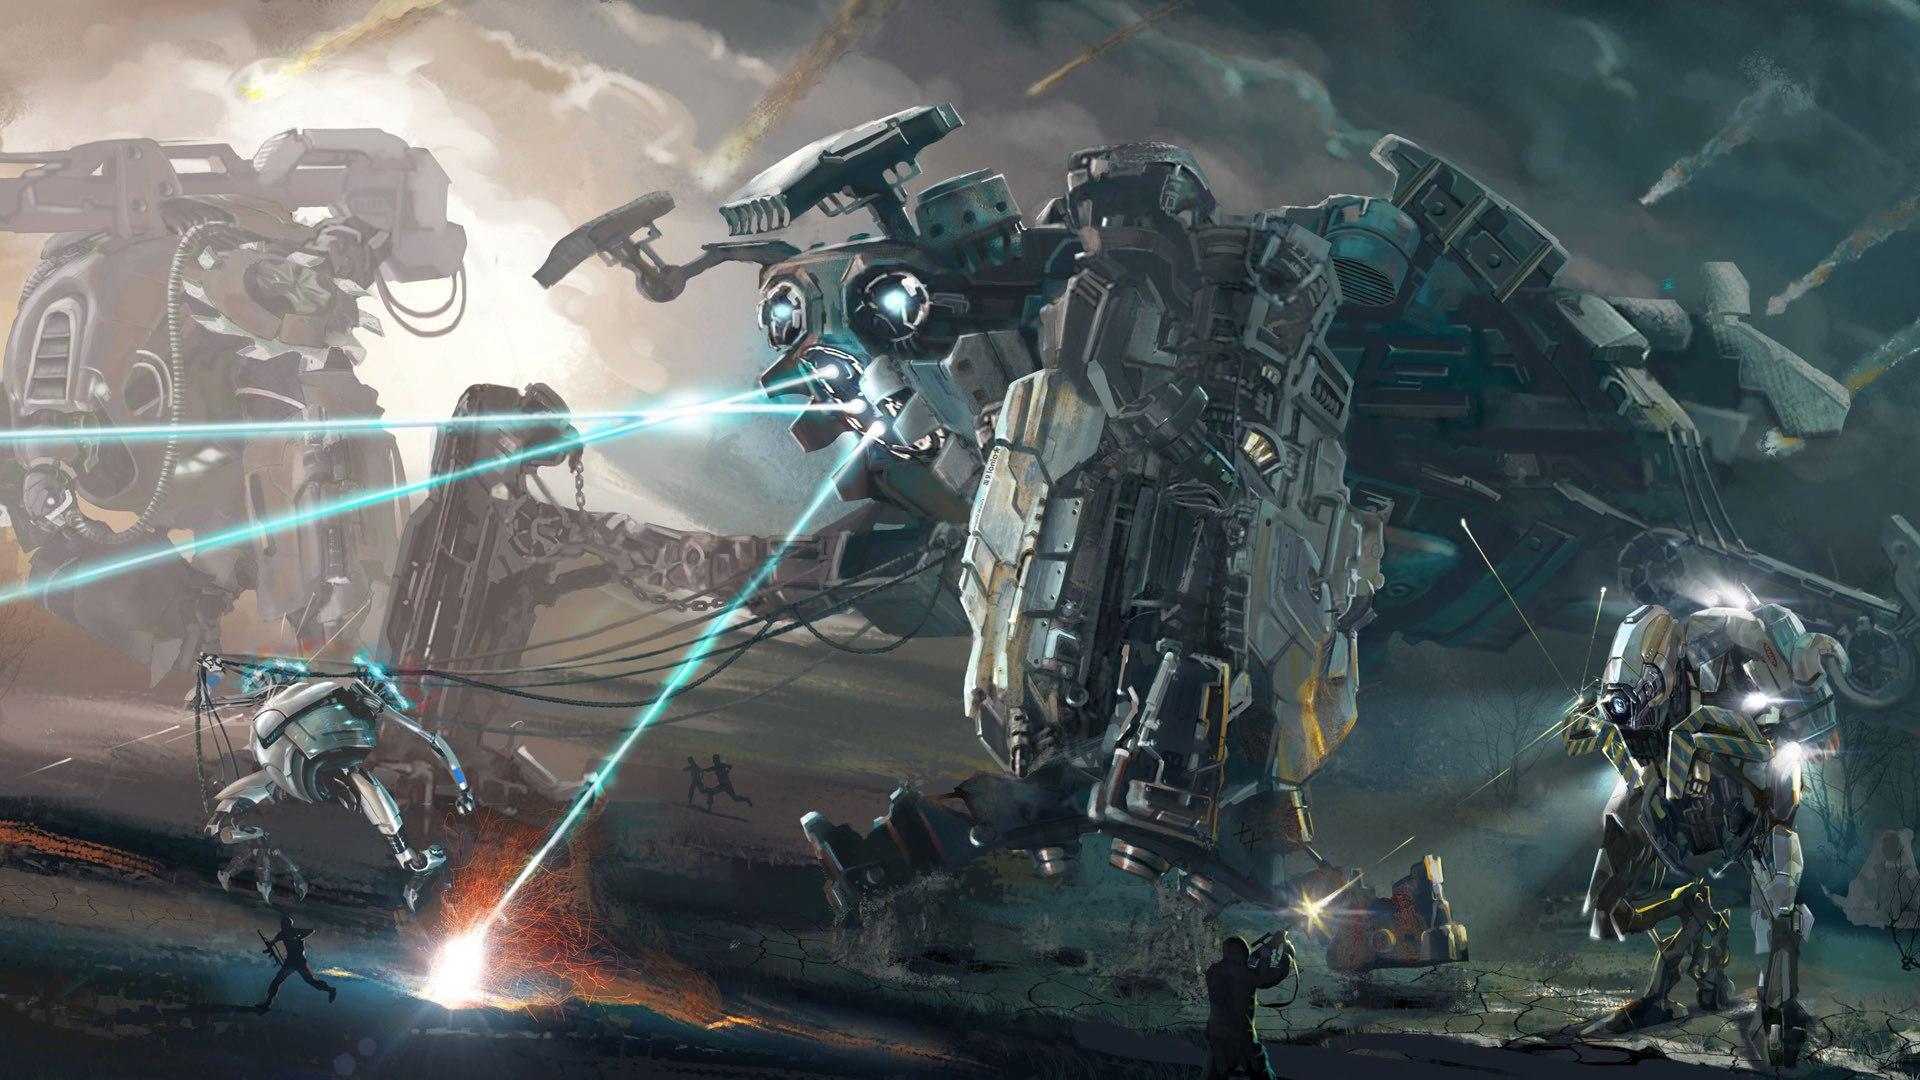 space battle wallpaper wallpapersafari